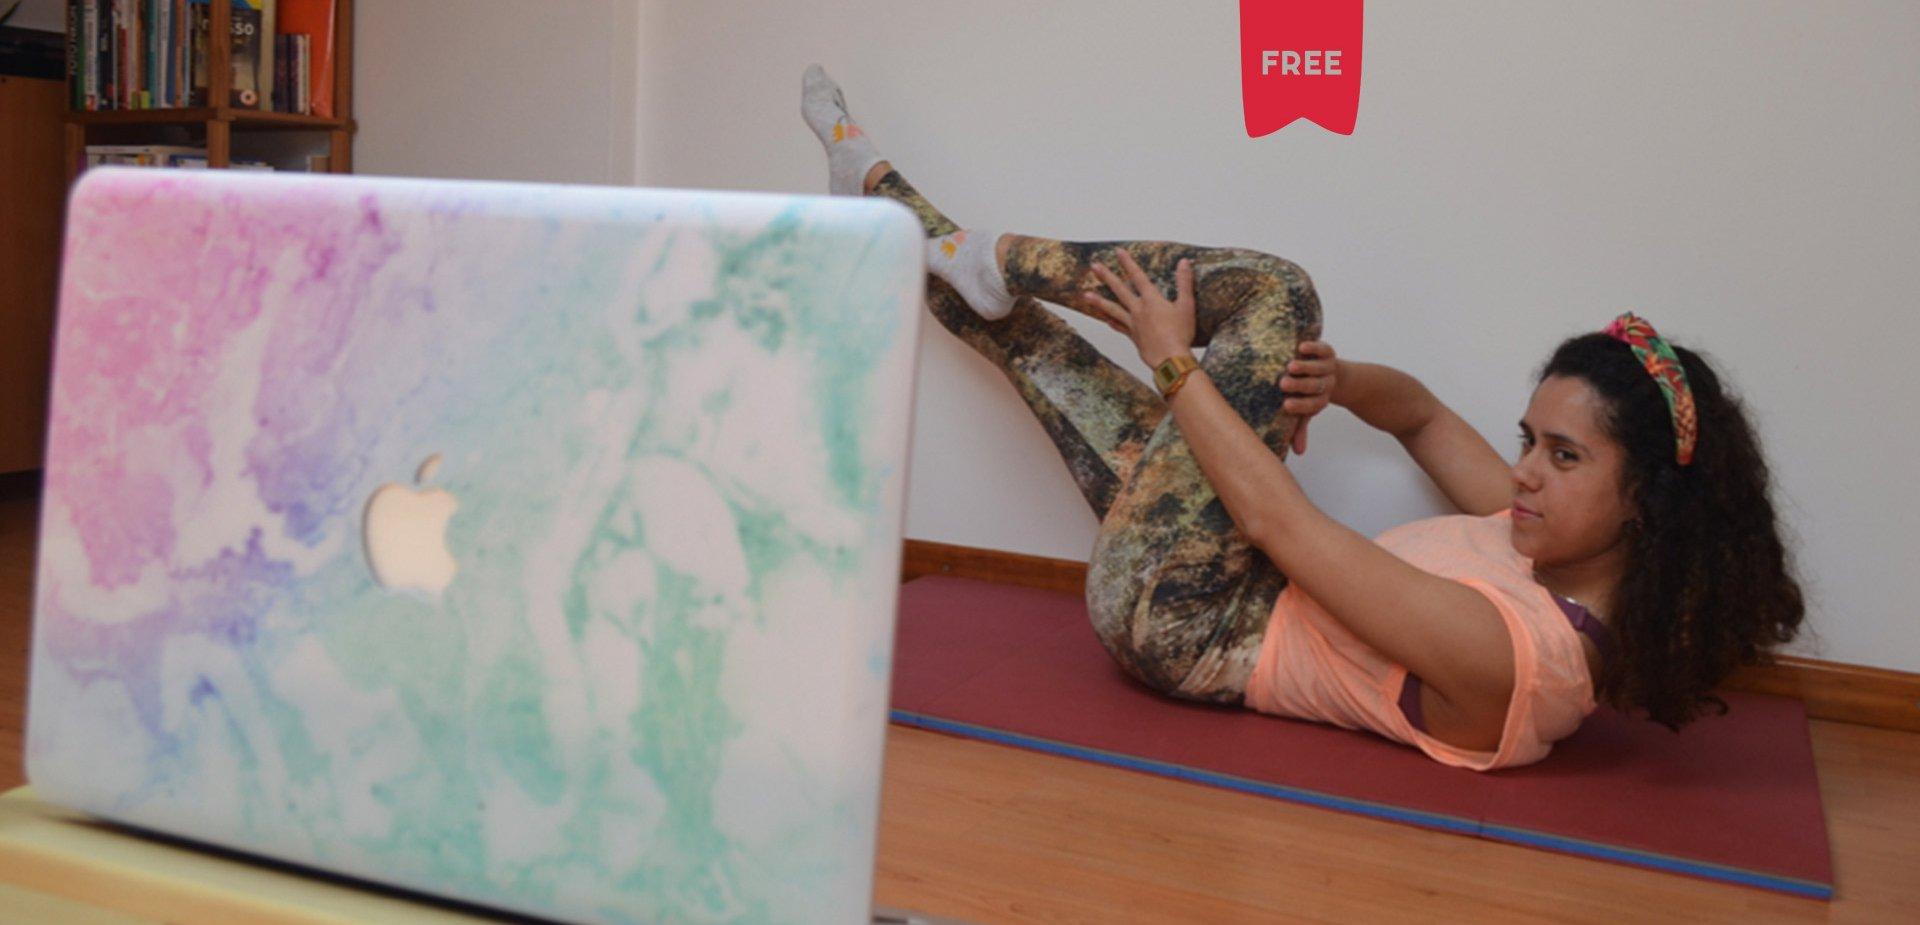 Reabilitação online em Fisioterapia - Uma abordagem pelo movimento | Por Sara Simões (Bwizer Magazine)